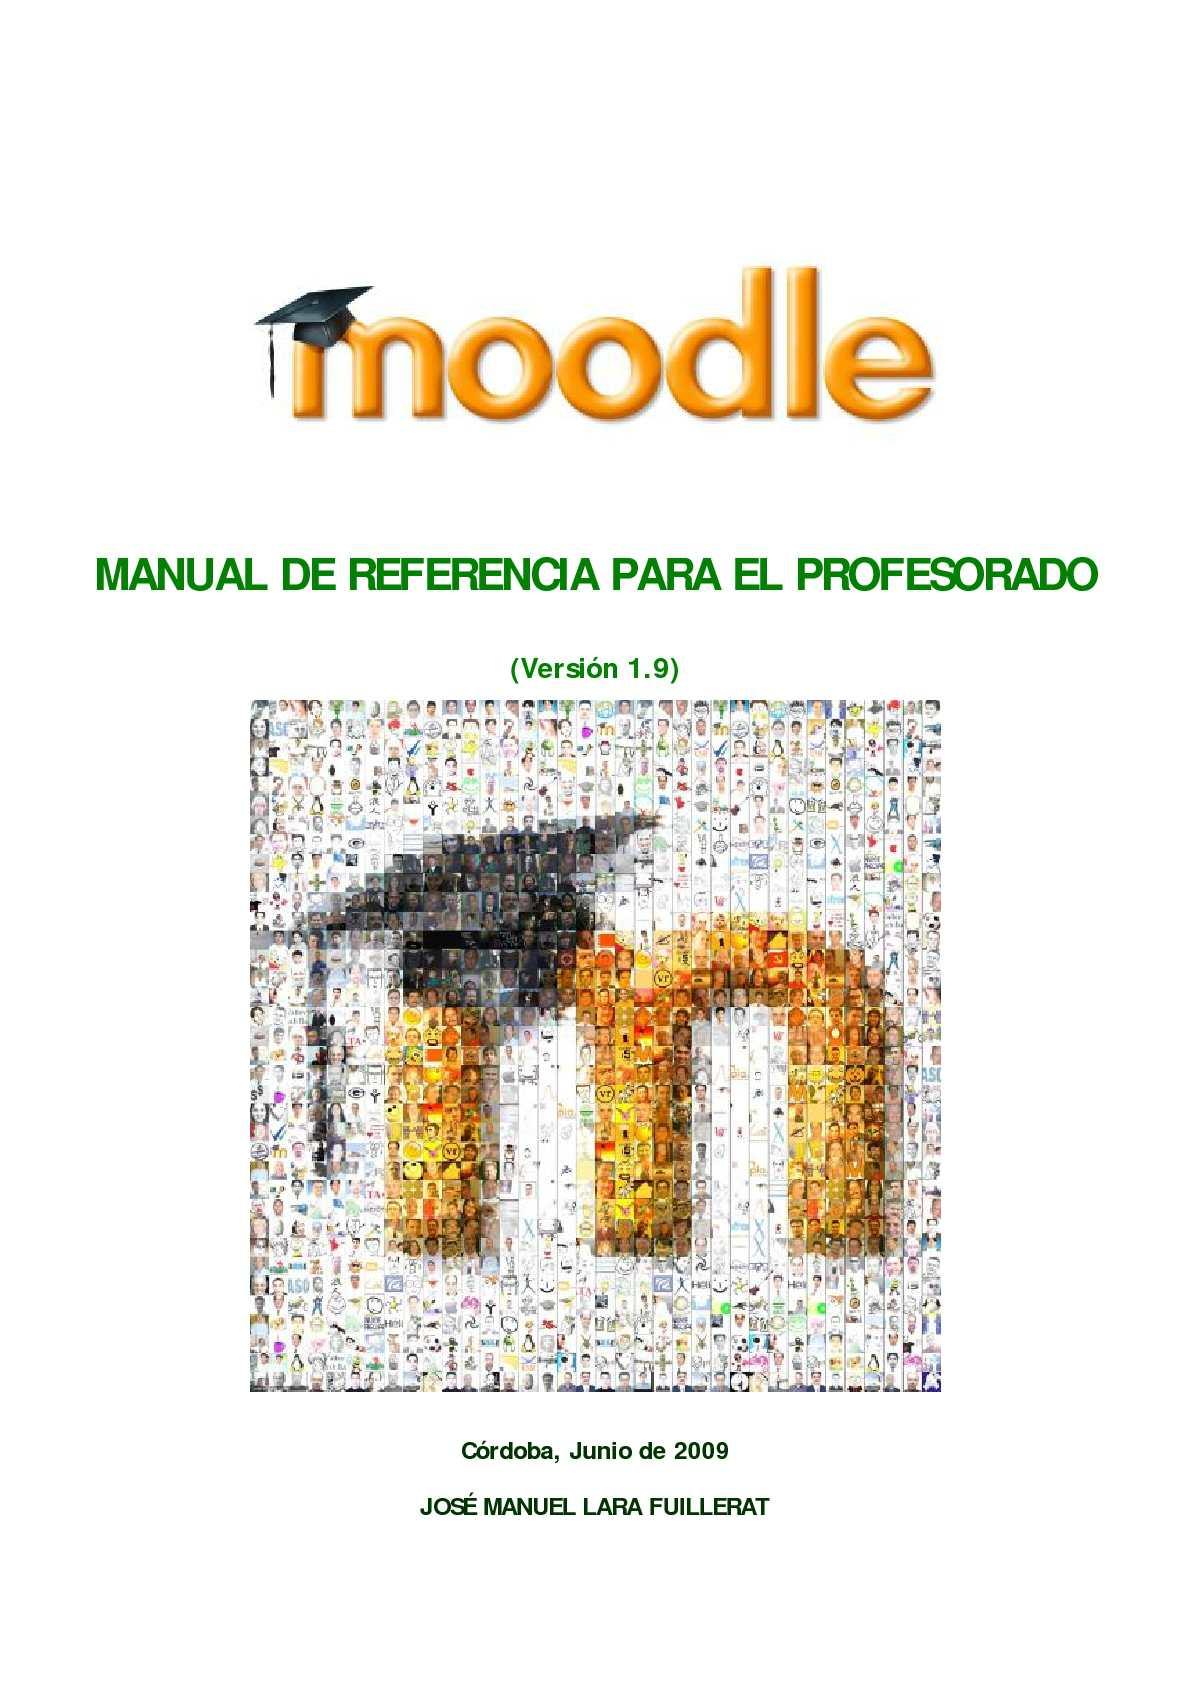 Calaméo - Moodle. Manual de referencia para el profesorado (versión 1.9)